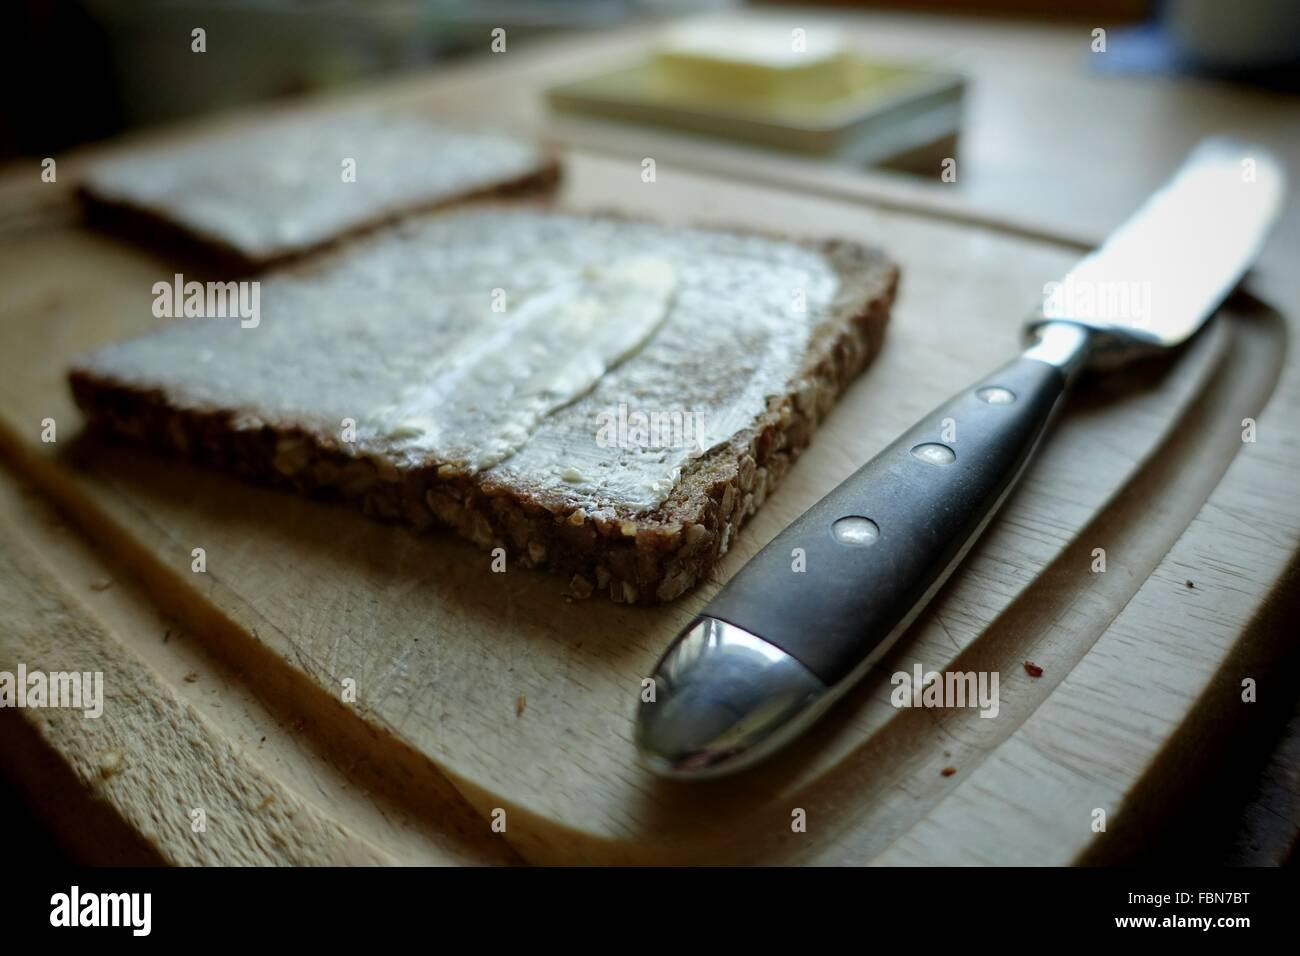 Le couteau à pain avec beurre On Cutting Board Photo Stock